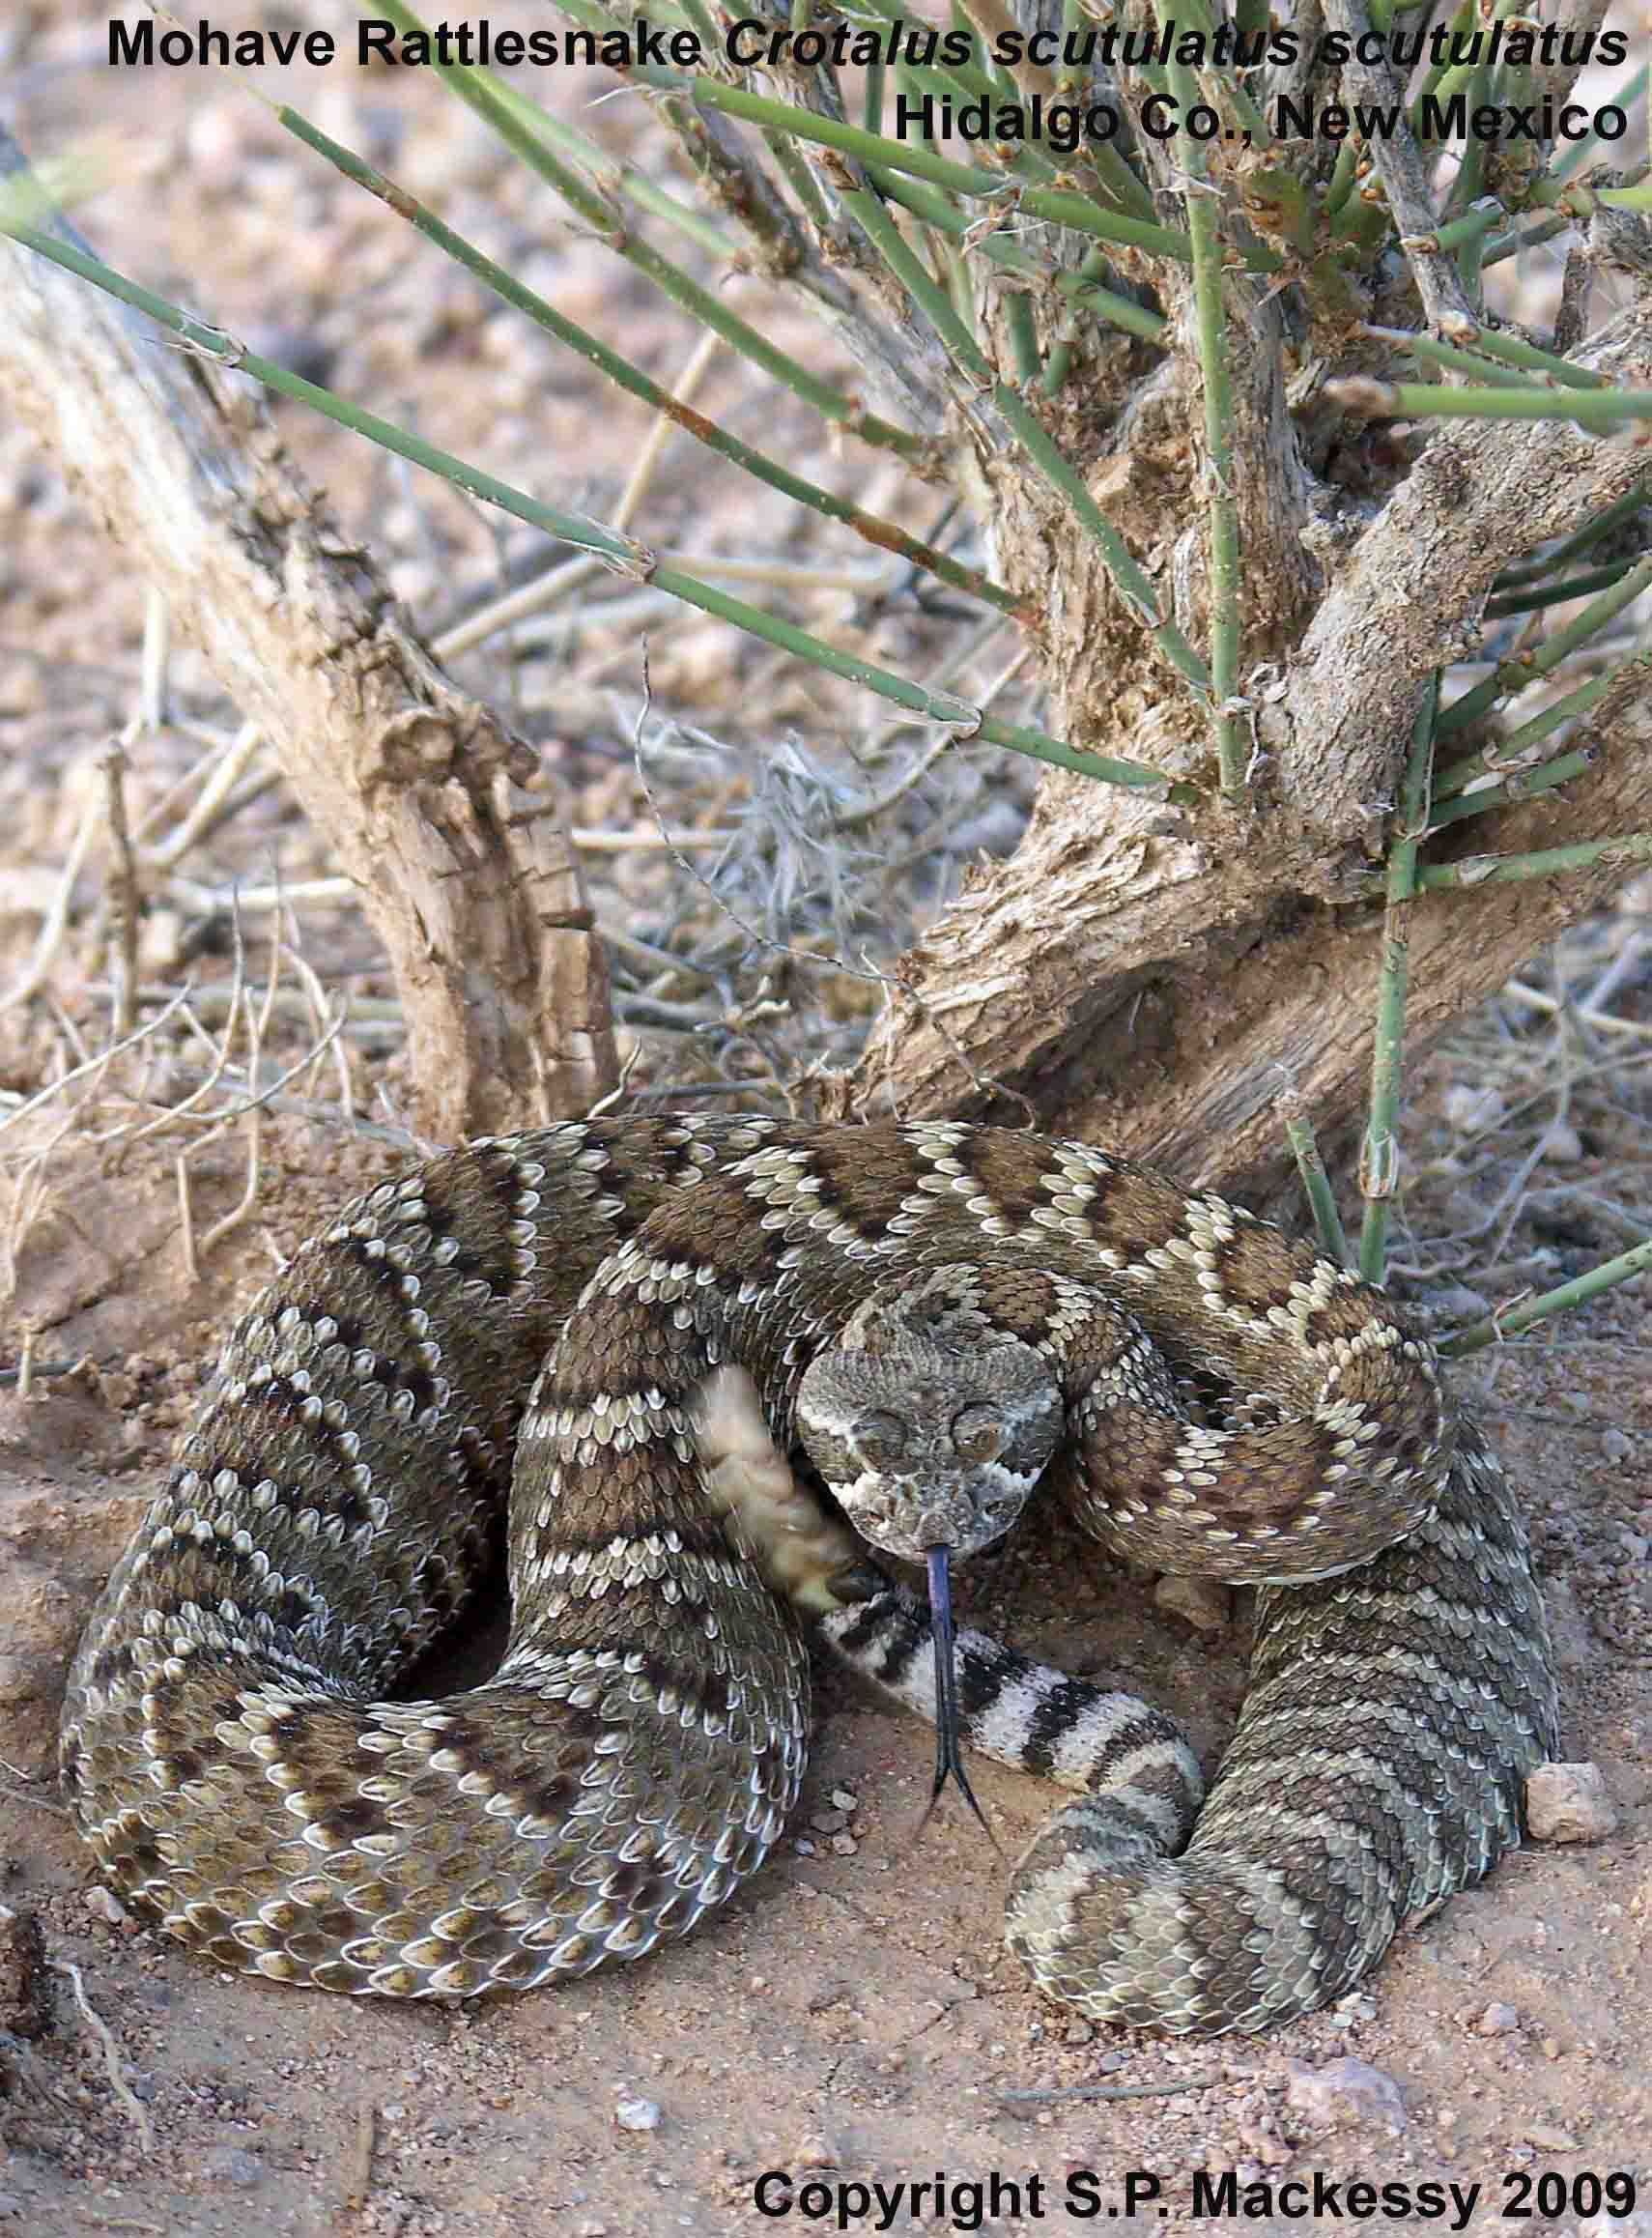 Desert Animal Rattlesnake Worksheets For First Grade